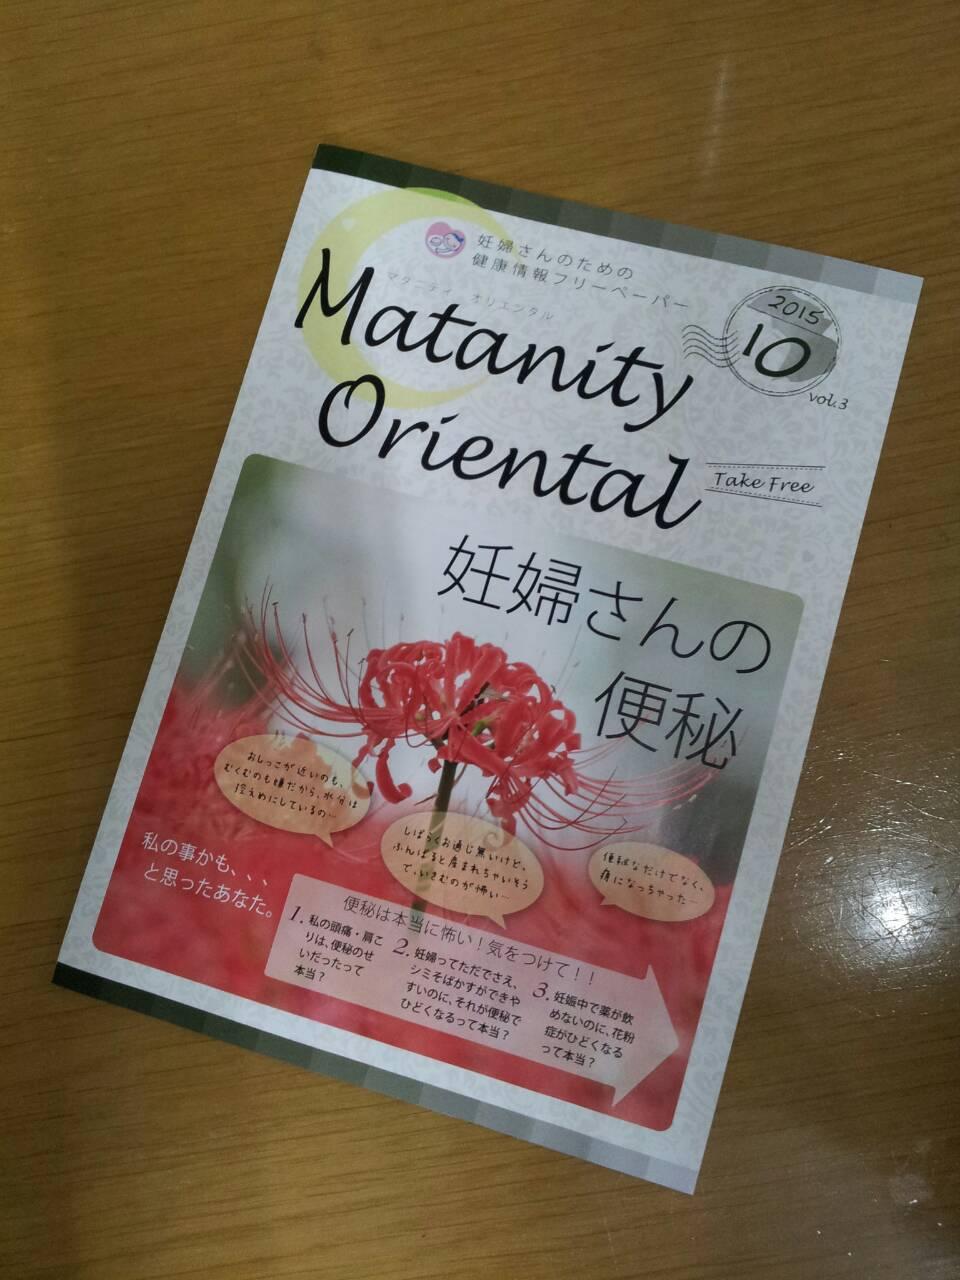 マタニティオリエンタル10月号発行しました!